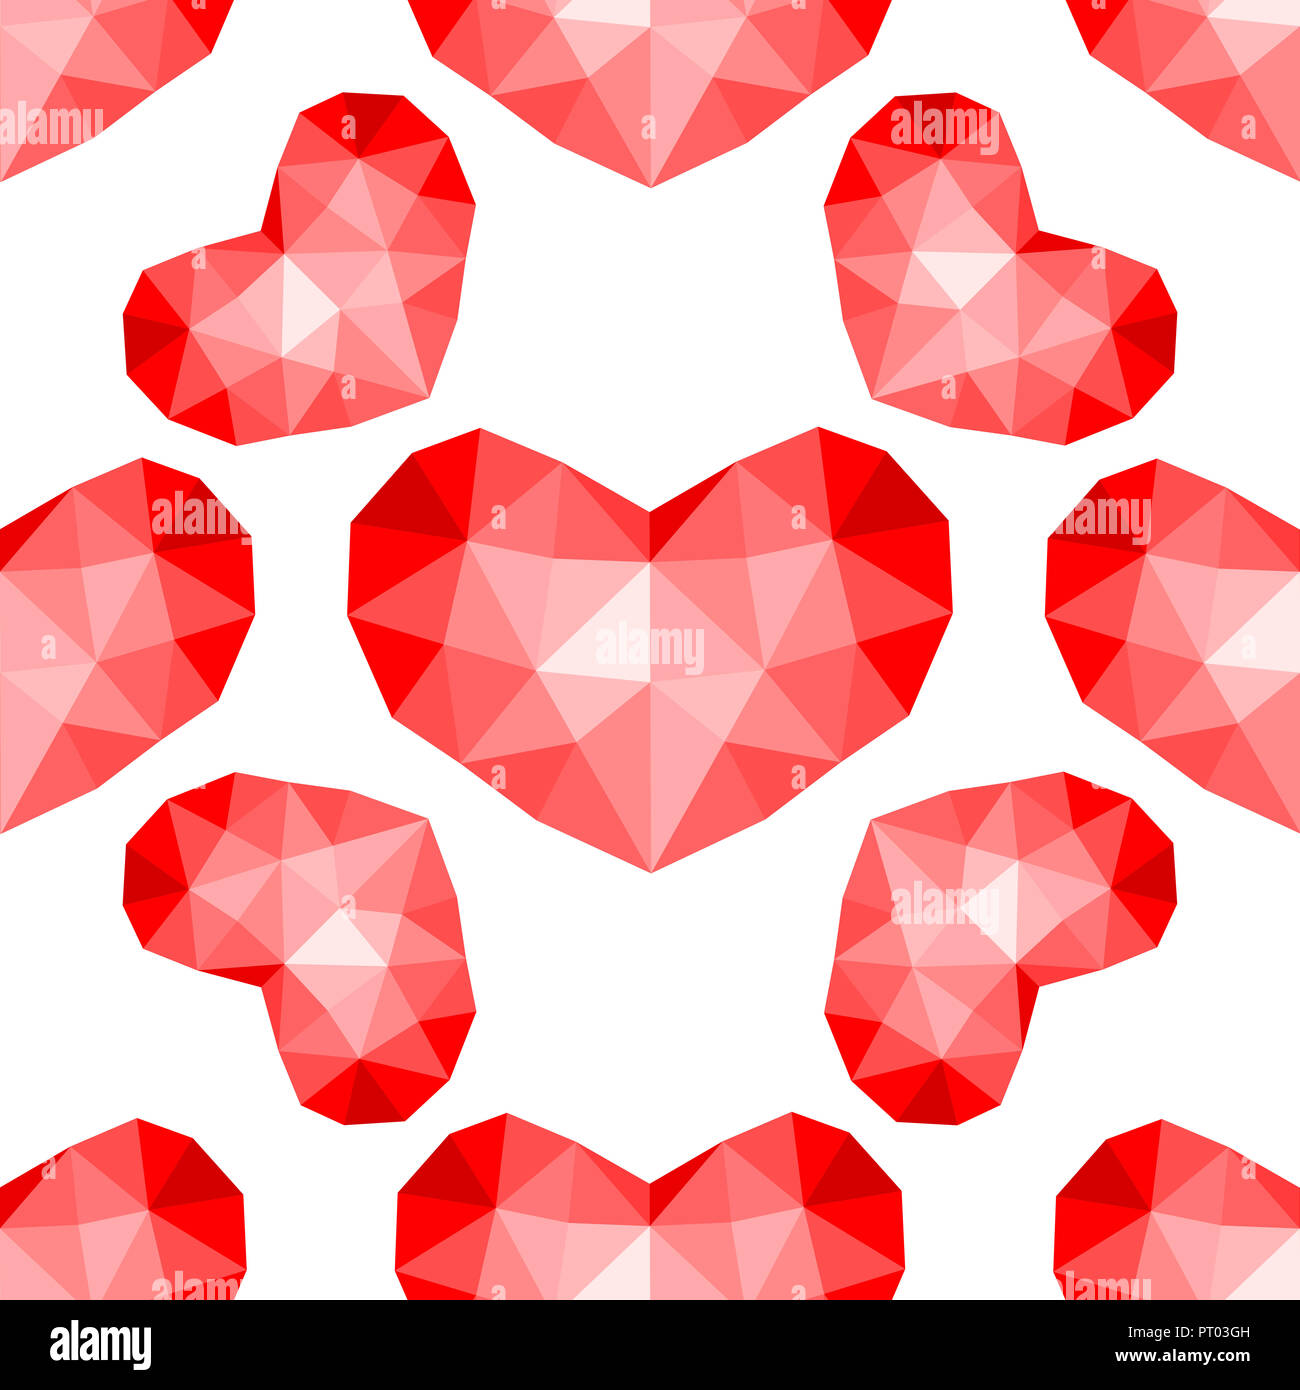 Nahtlose Muster. Abstrakt wiederholende Textur mit chaotischen Herzen. Stilvolle hipster Textur. Stockbild